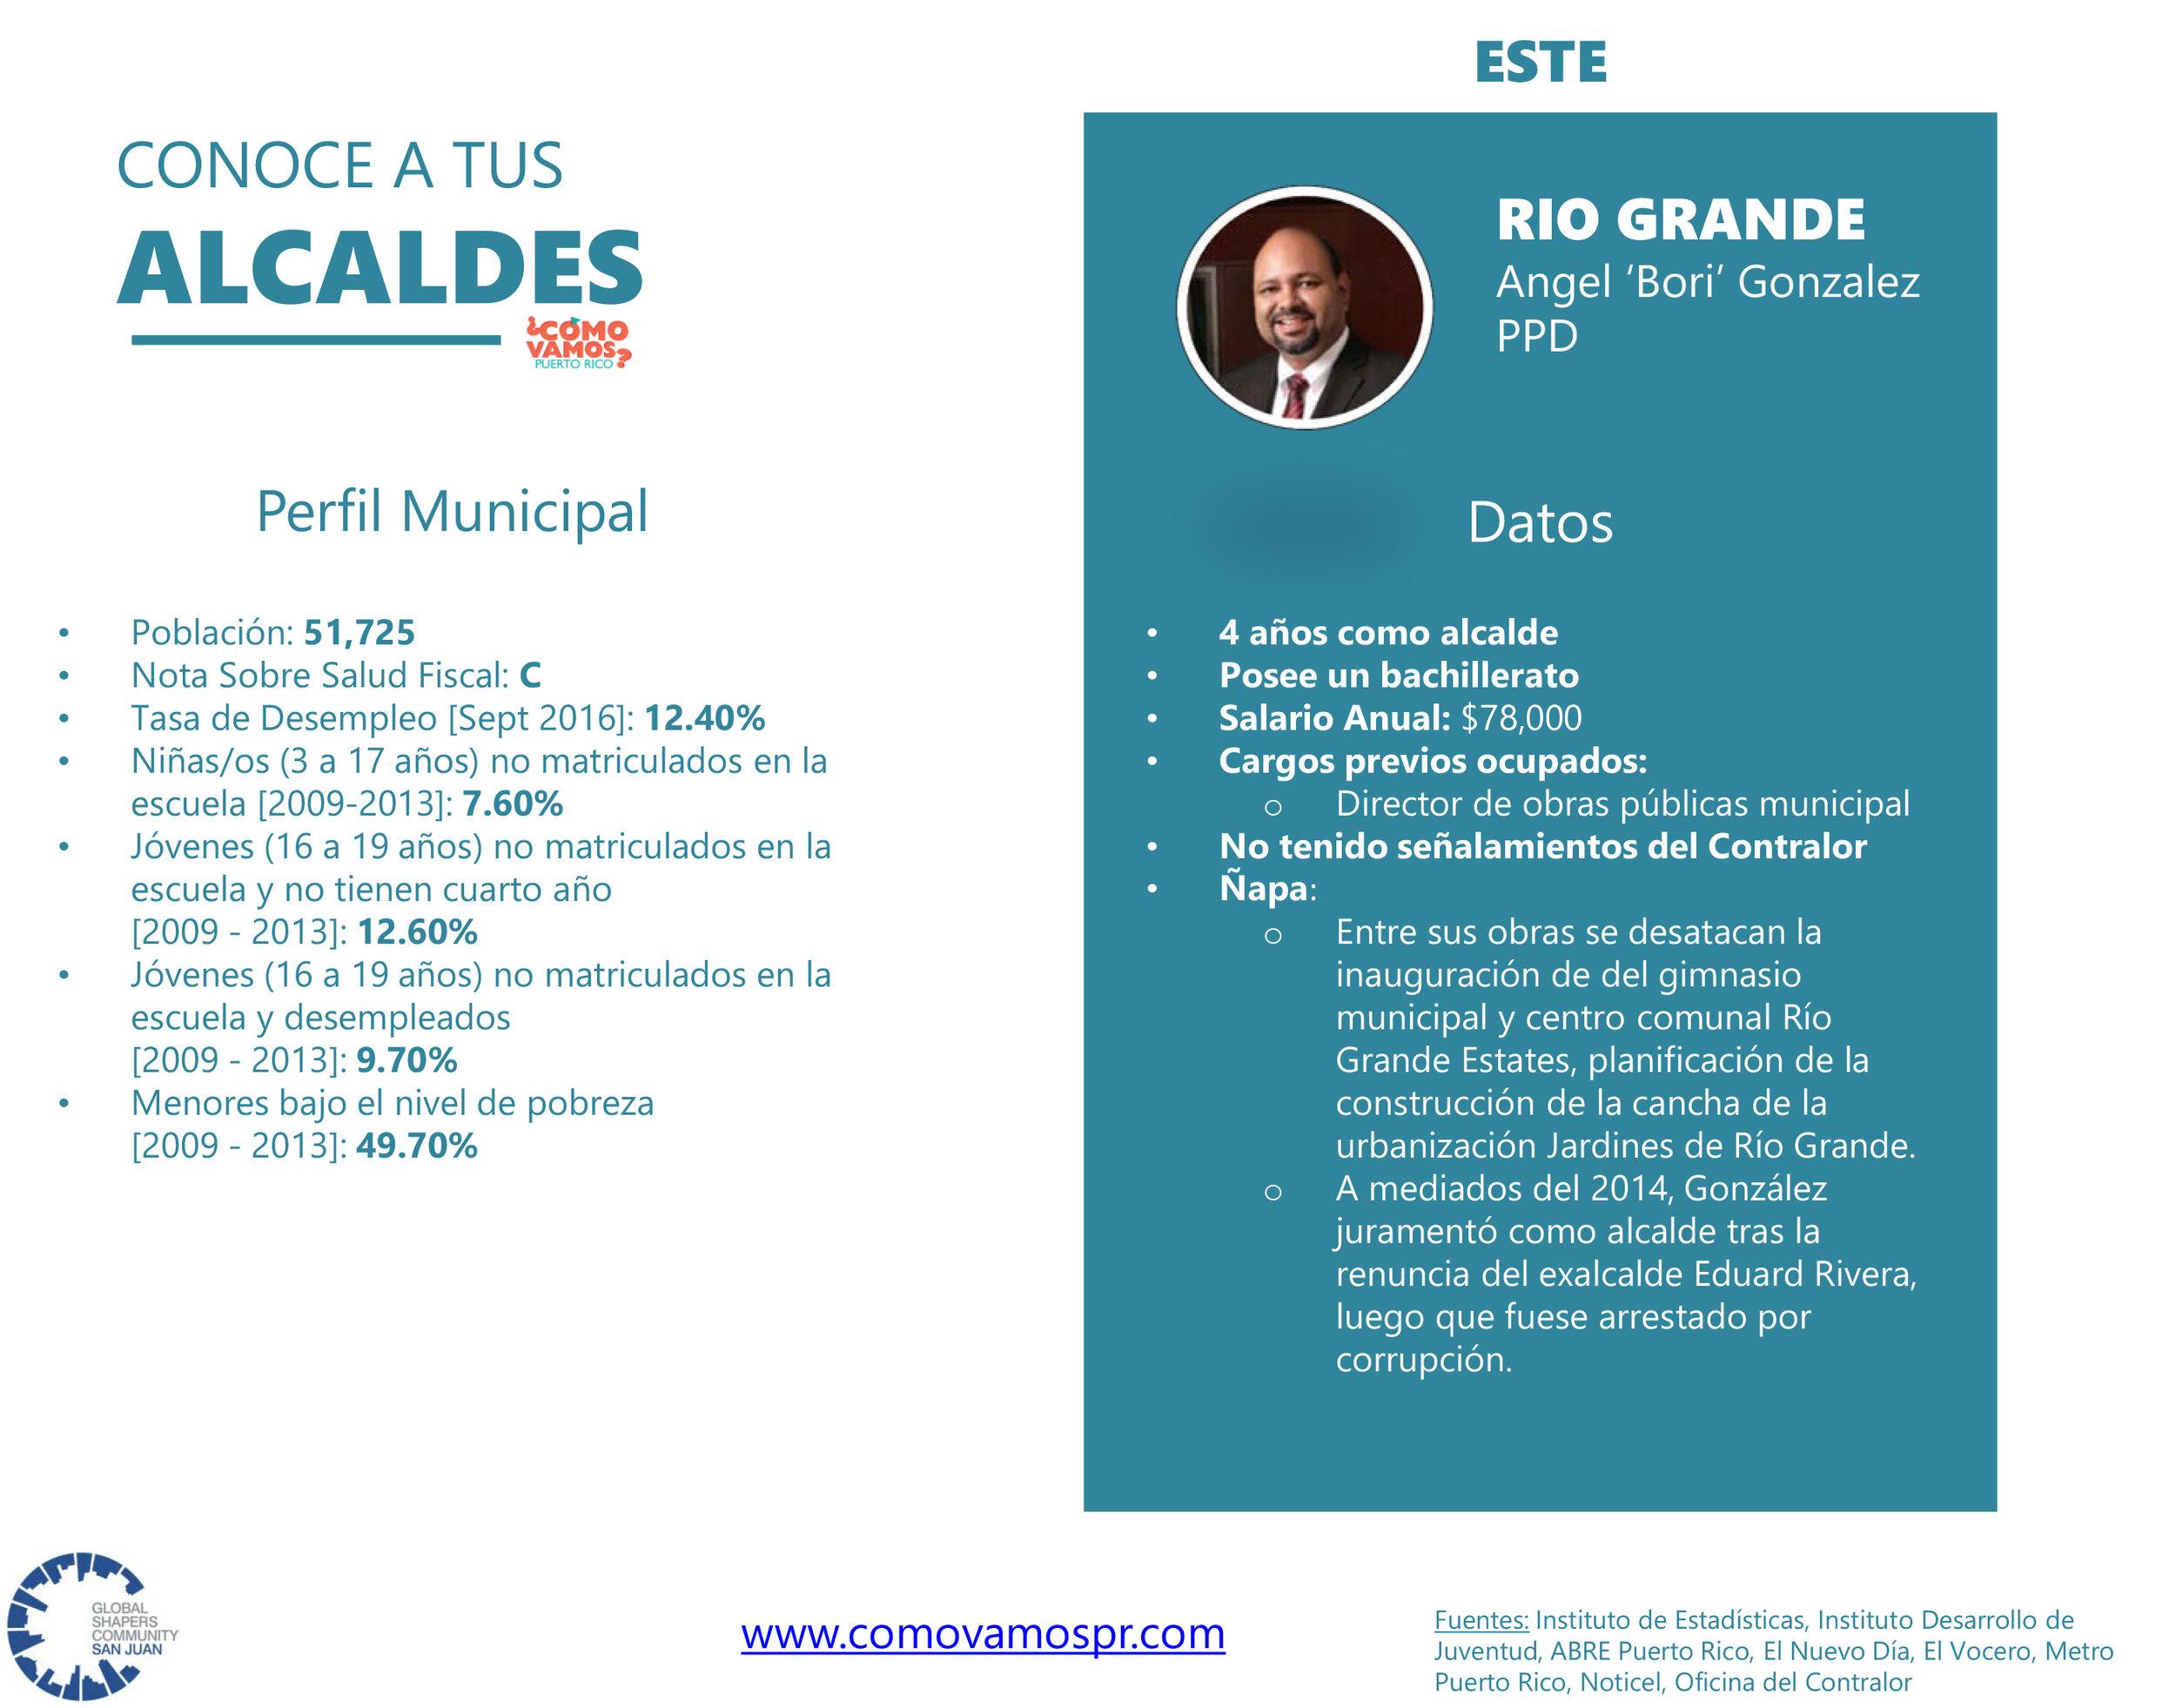 Alcaldes_Este_RioGrande.jpg